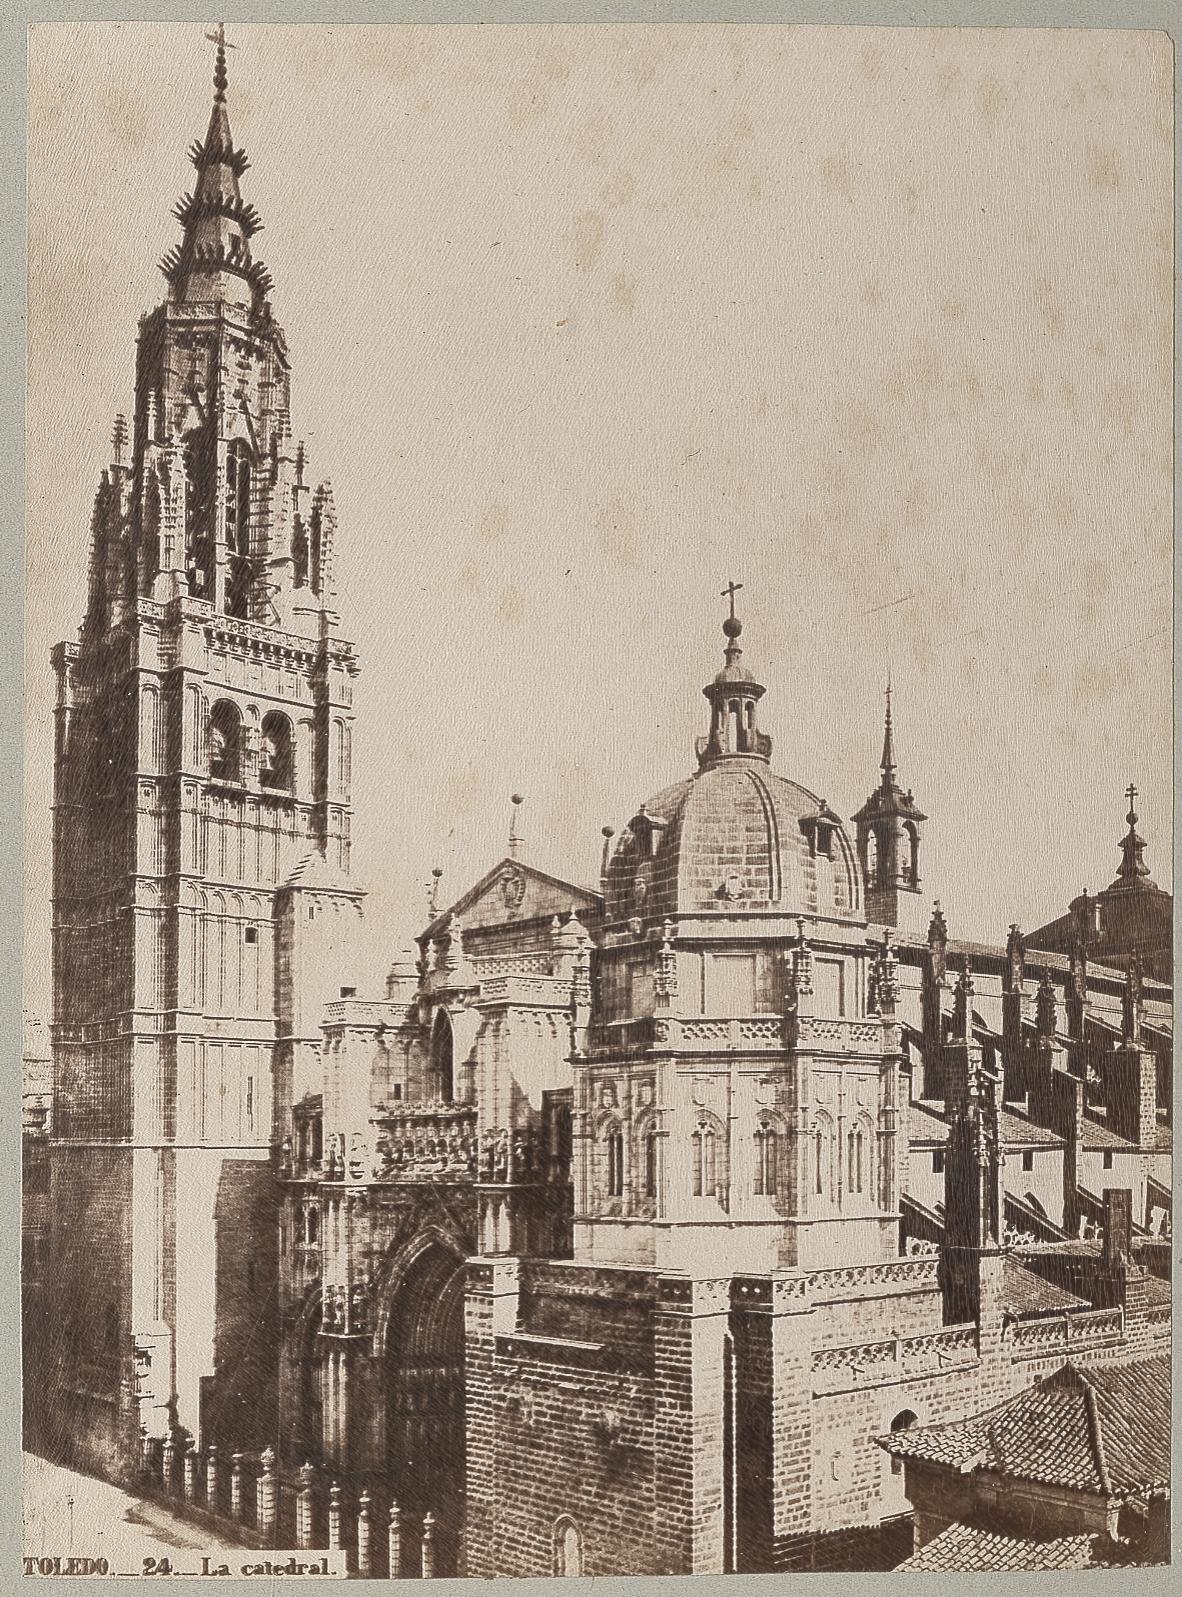 Catedral hacia 1870 © Archives départementales de l'Aude (Foto de Jean Laurent)